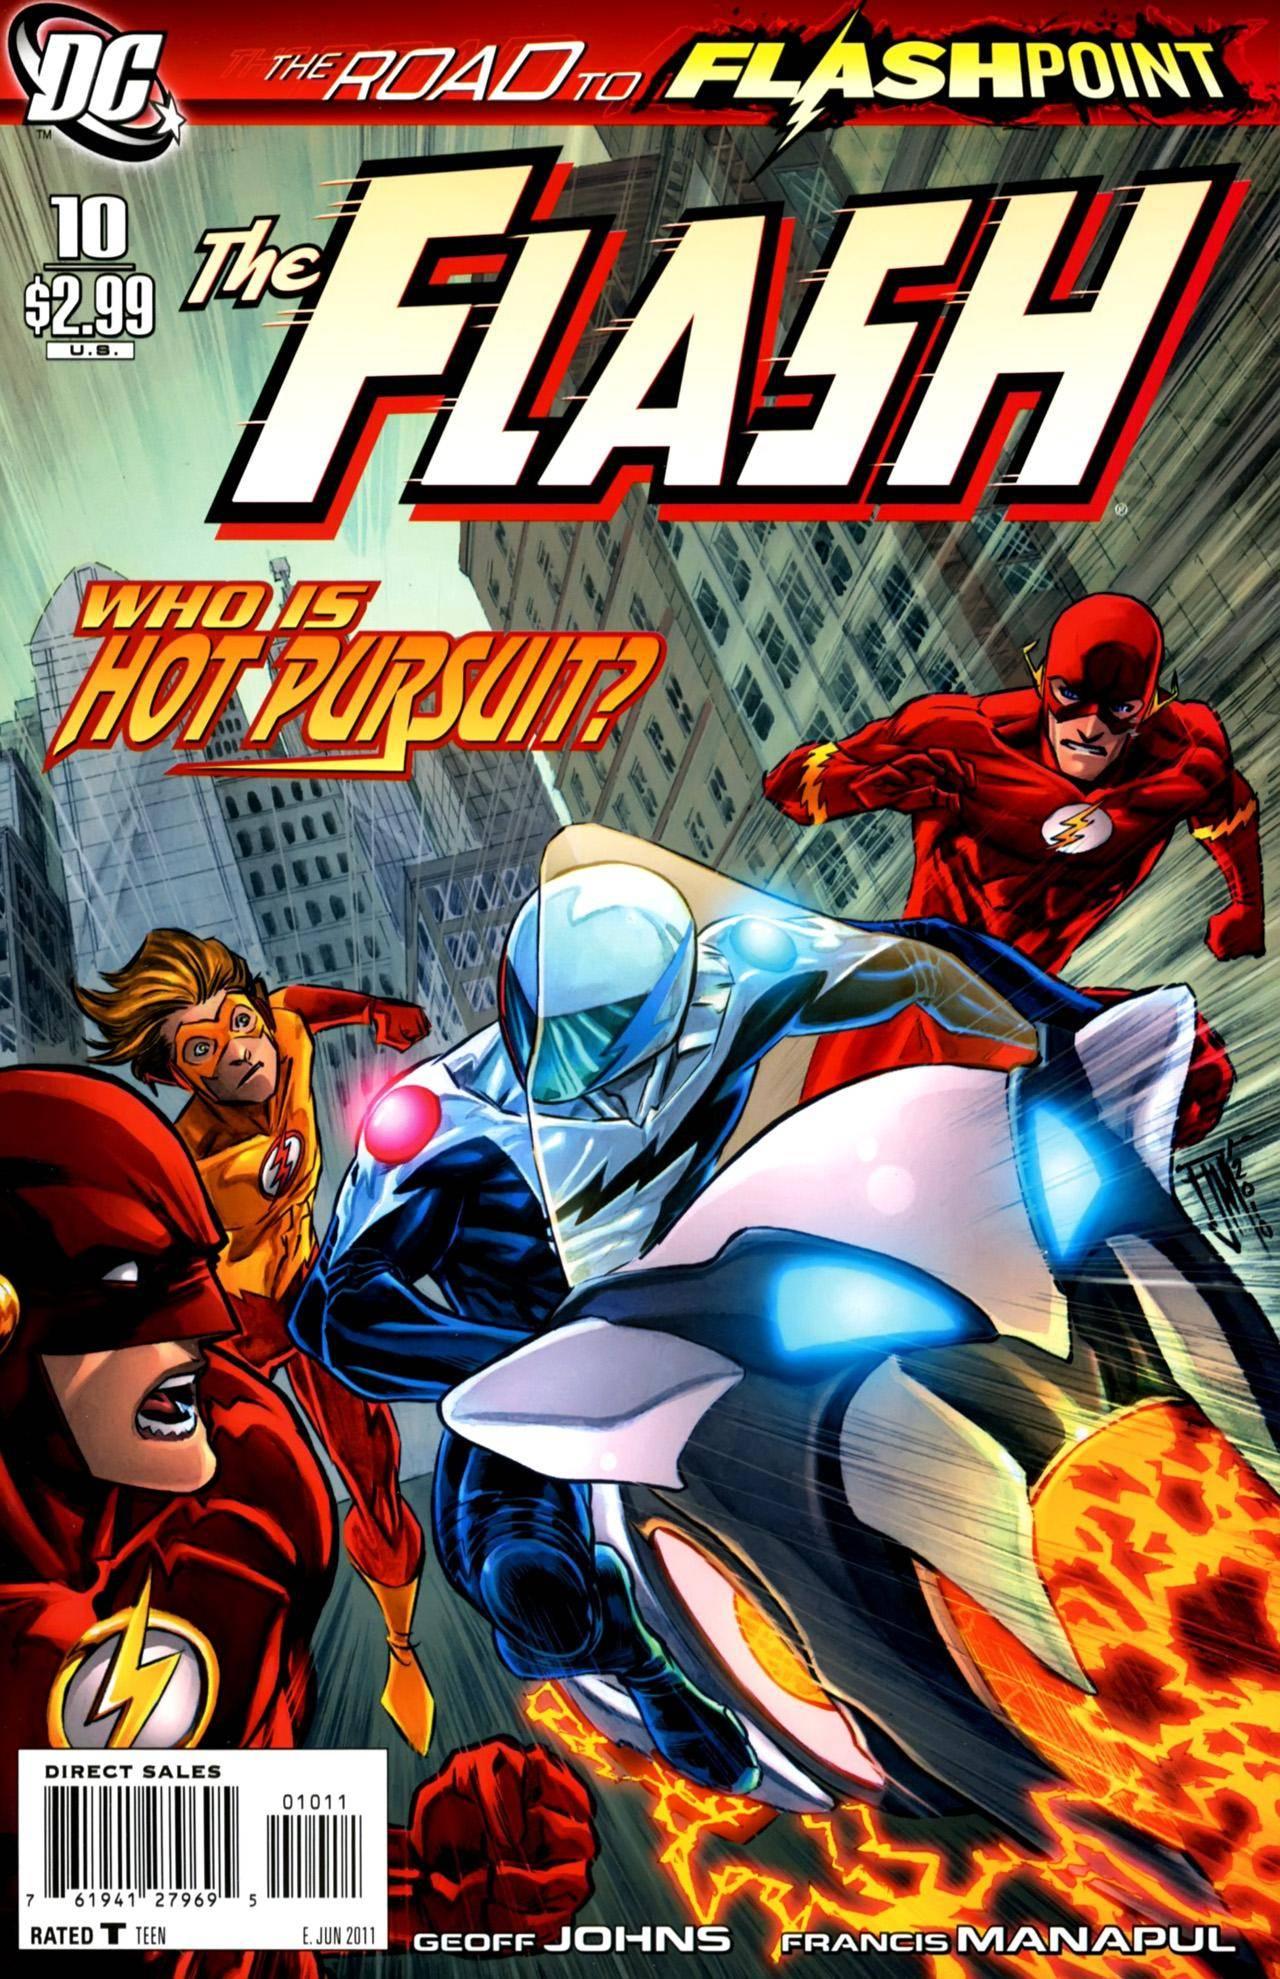 Flash 2009-OYATM 29 of 51Flash 2011-06 010